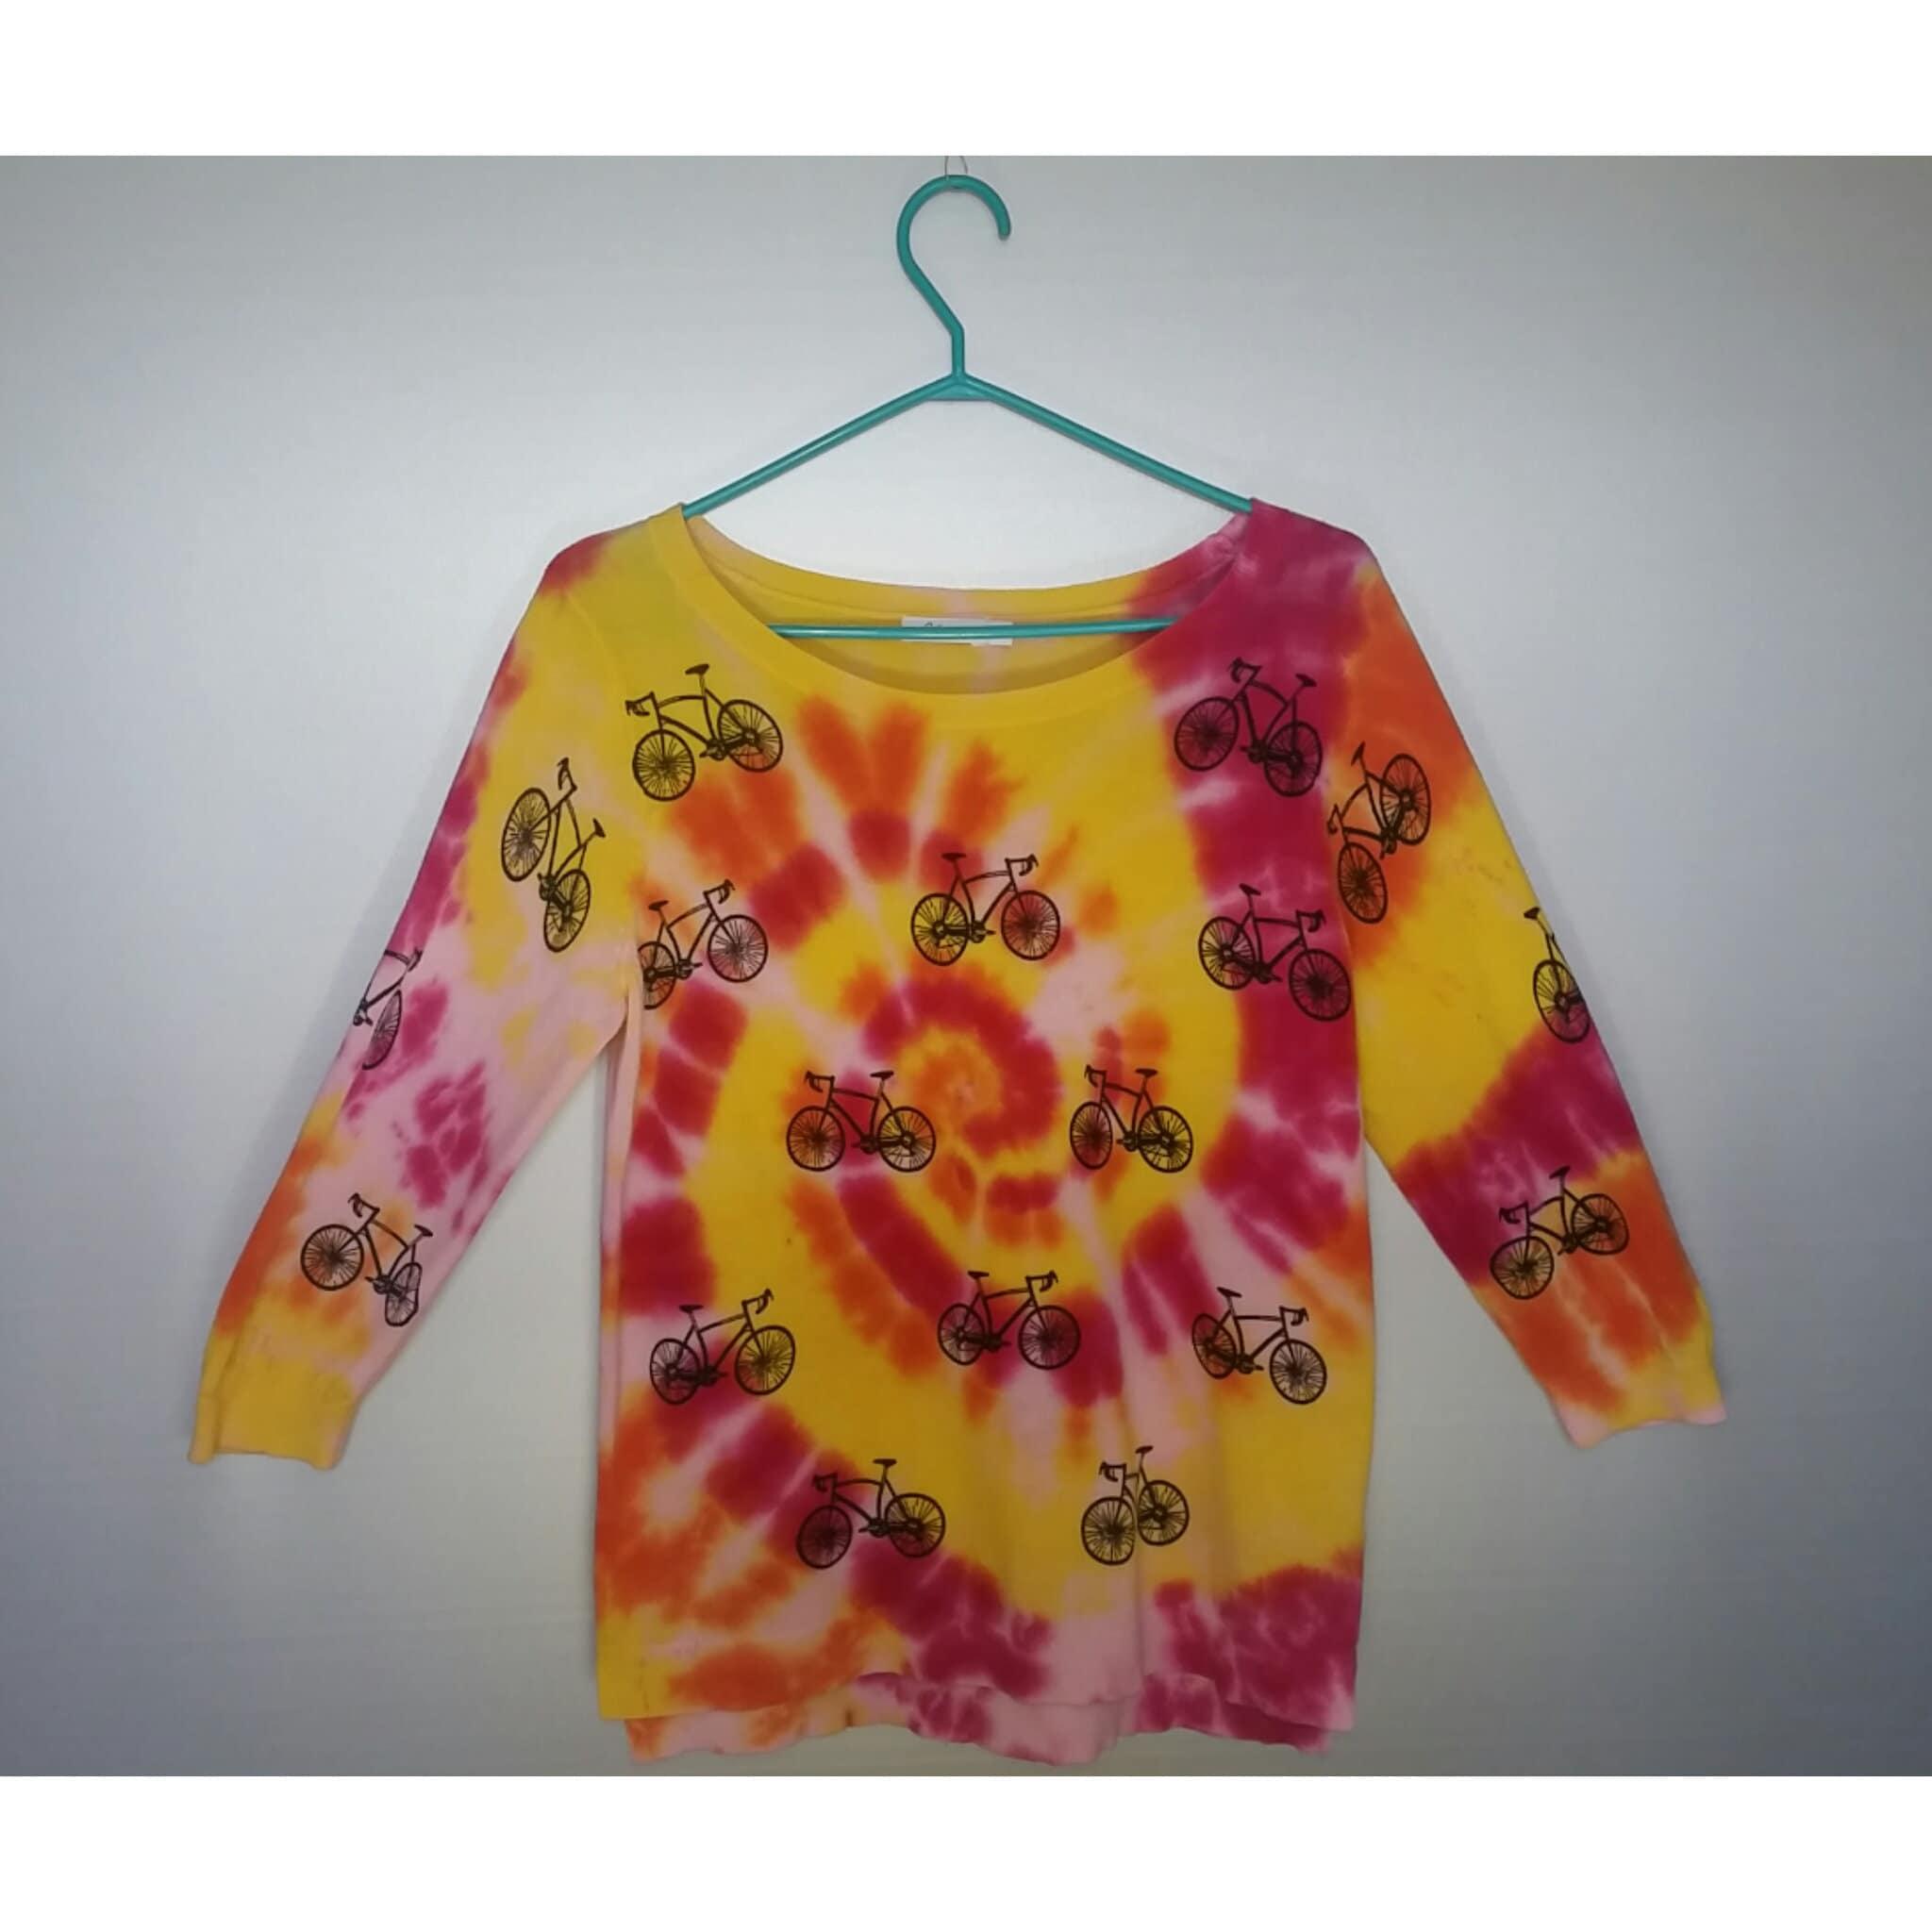 13f0c17844899 Tie Dye Beaded Fringe Shirt Tumblr - DREAMWORKS